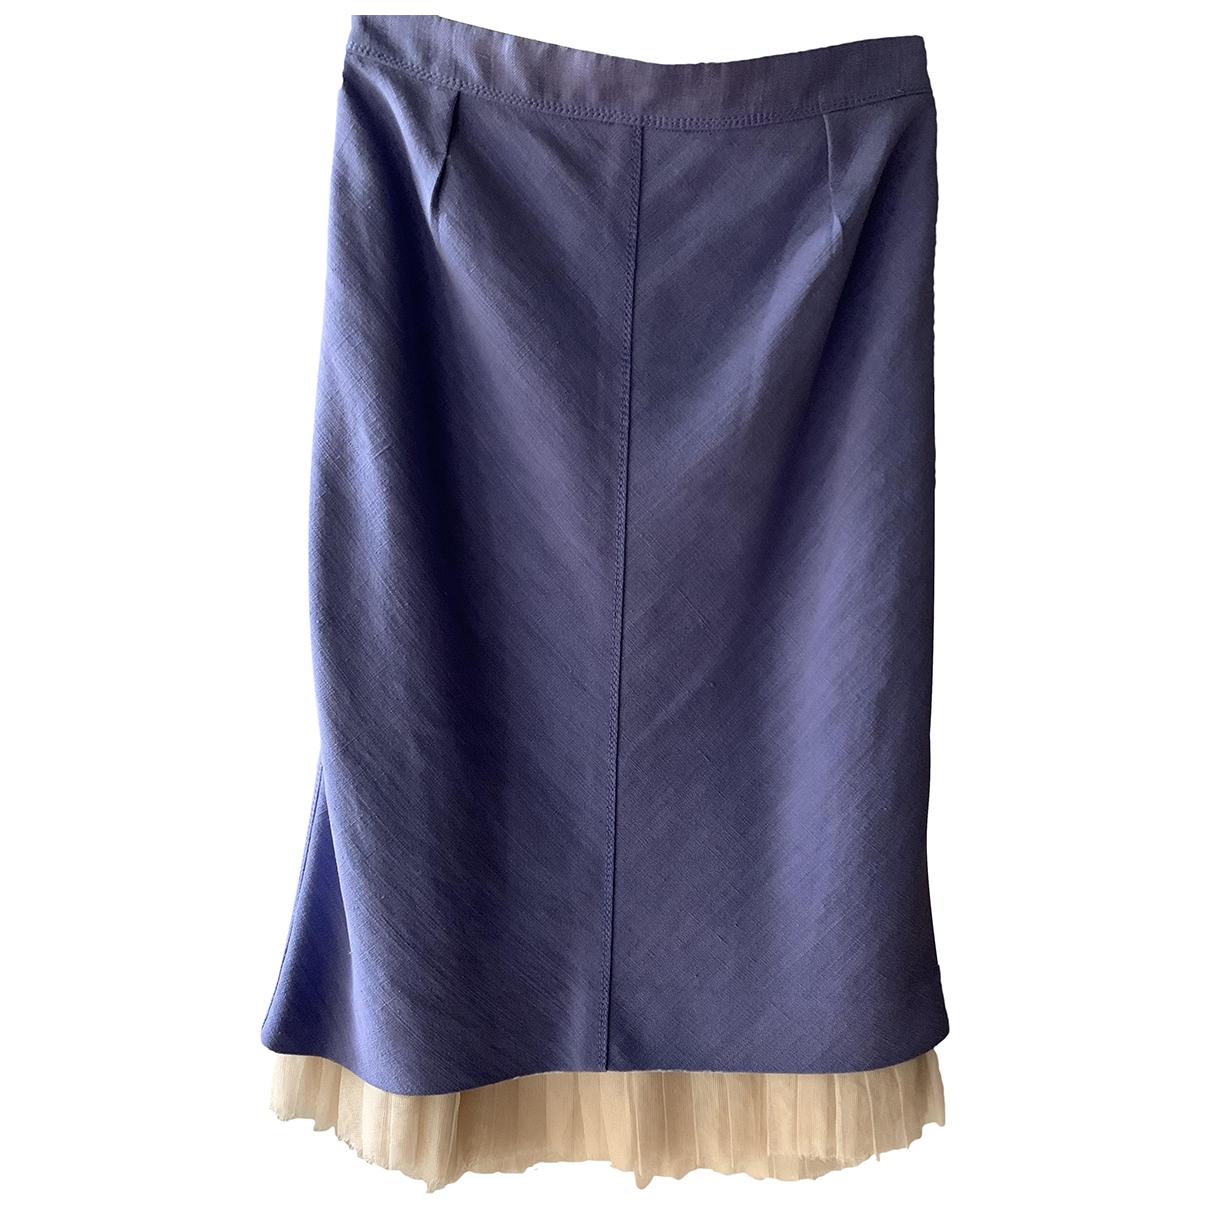 Louis Vuitton \N Purple Linen skirt for Women 38 FR